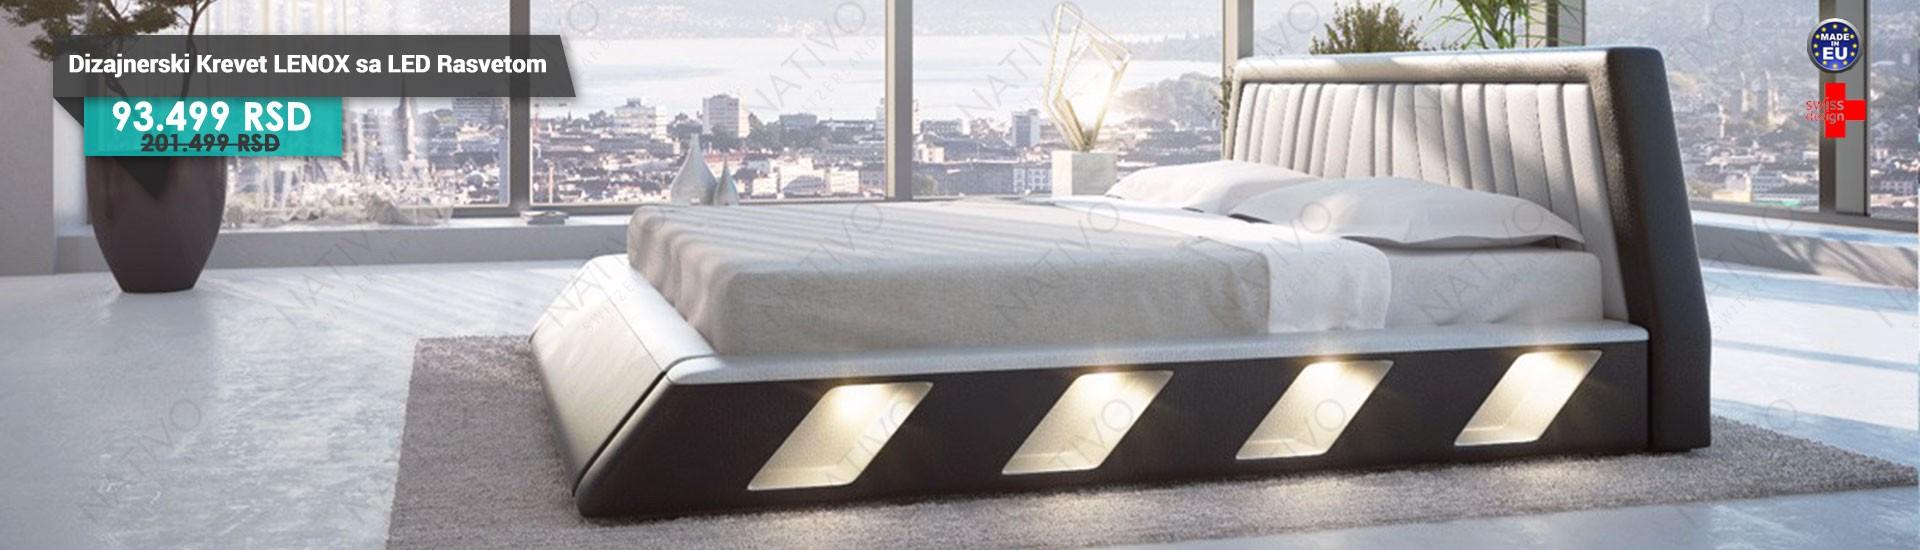 Dizajnerski krevet LENOX sa LED rasvetom NATIVO™ nameštaj Beograd Srbija